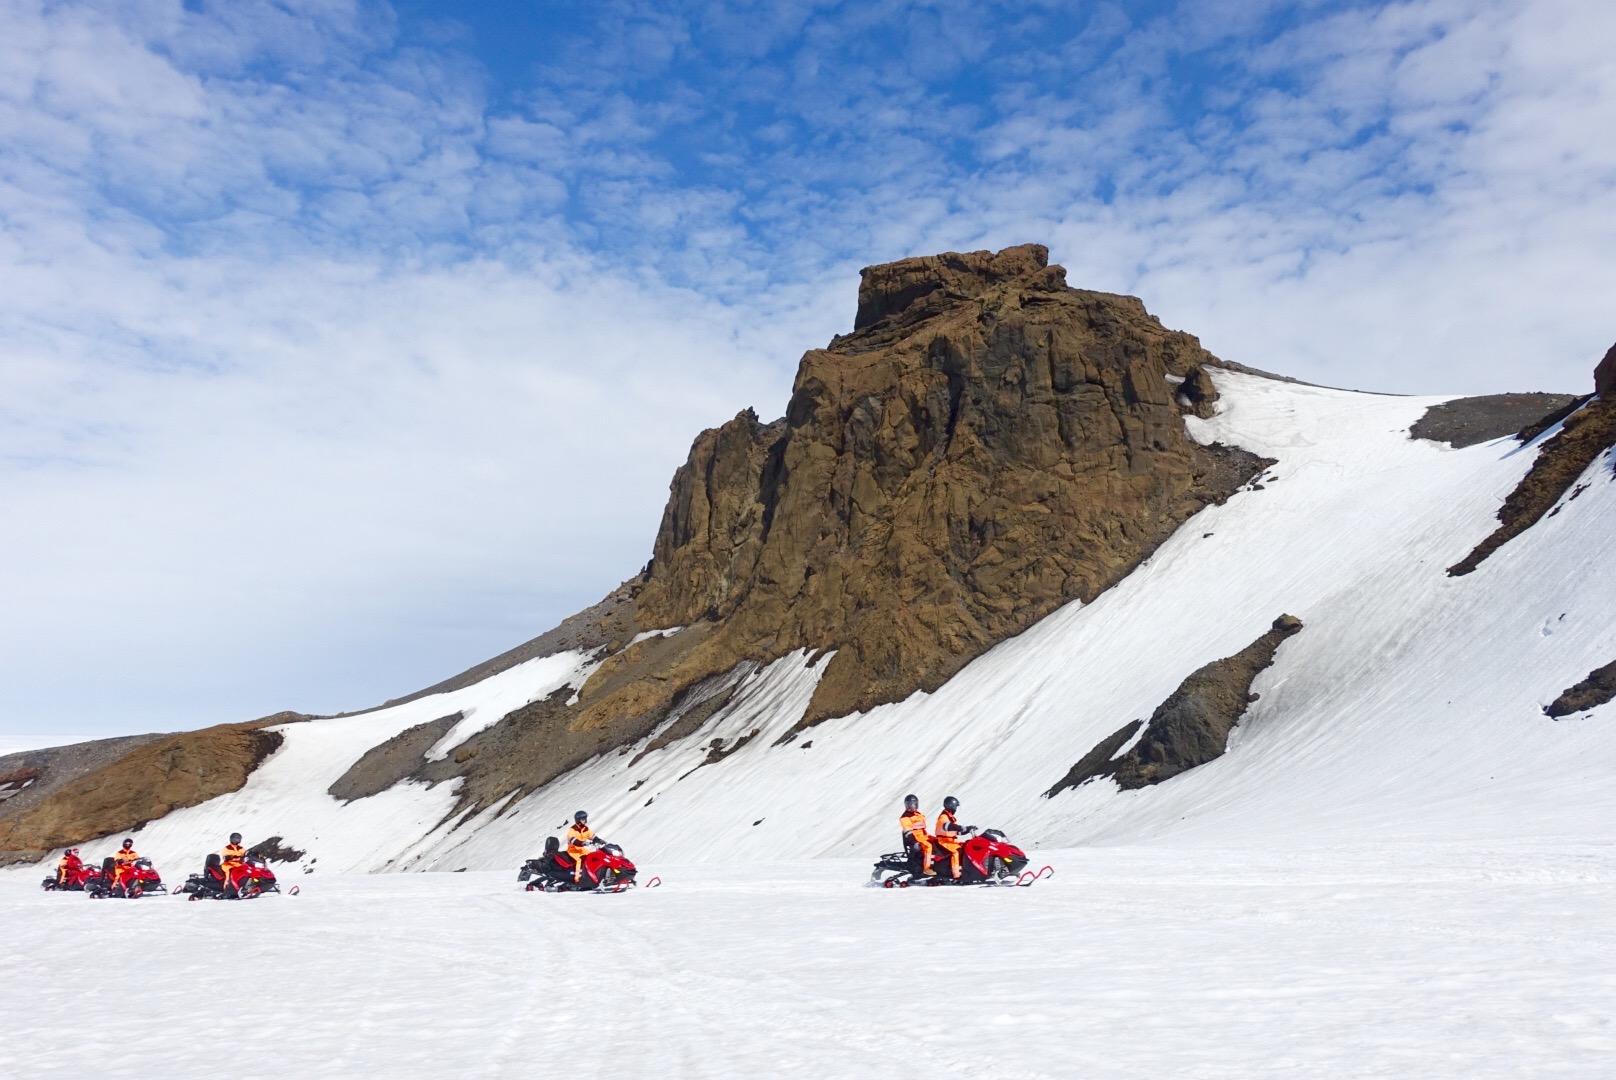 Ta 4-dniowa zimowa wycieczka po Islandii zabierze Cię w skutery śnieżne przez Langjökull, drugi co do wielkości lodowiec na wyspie.